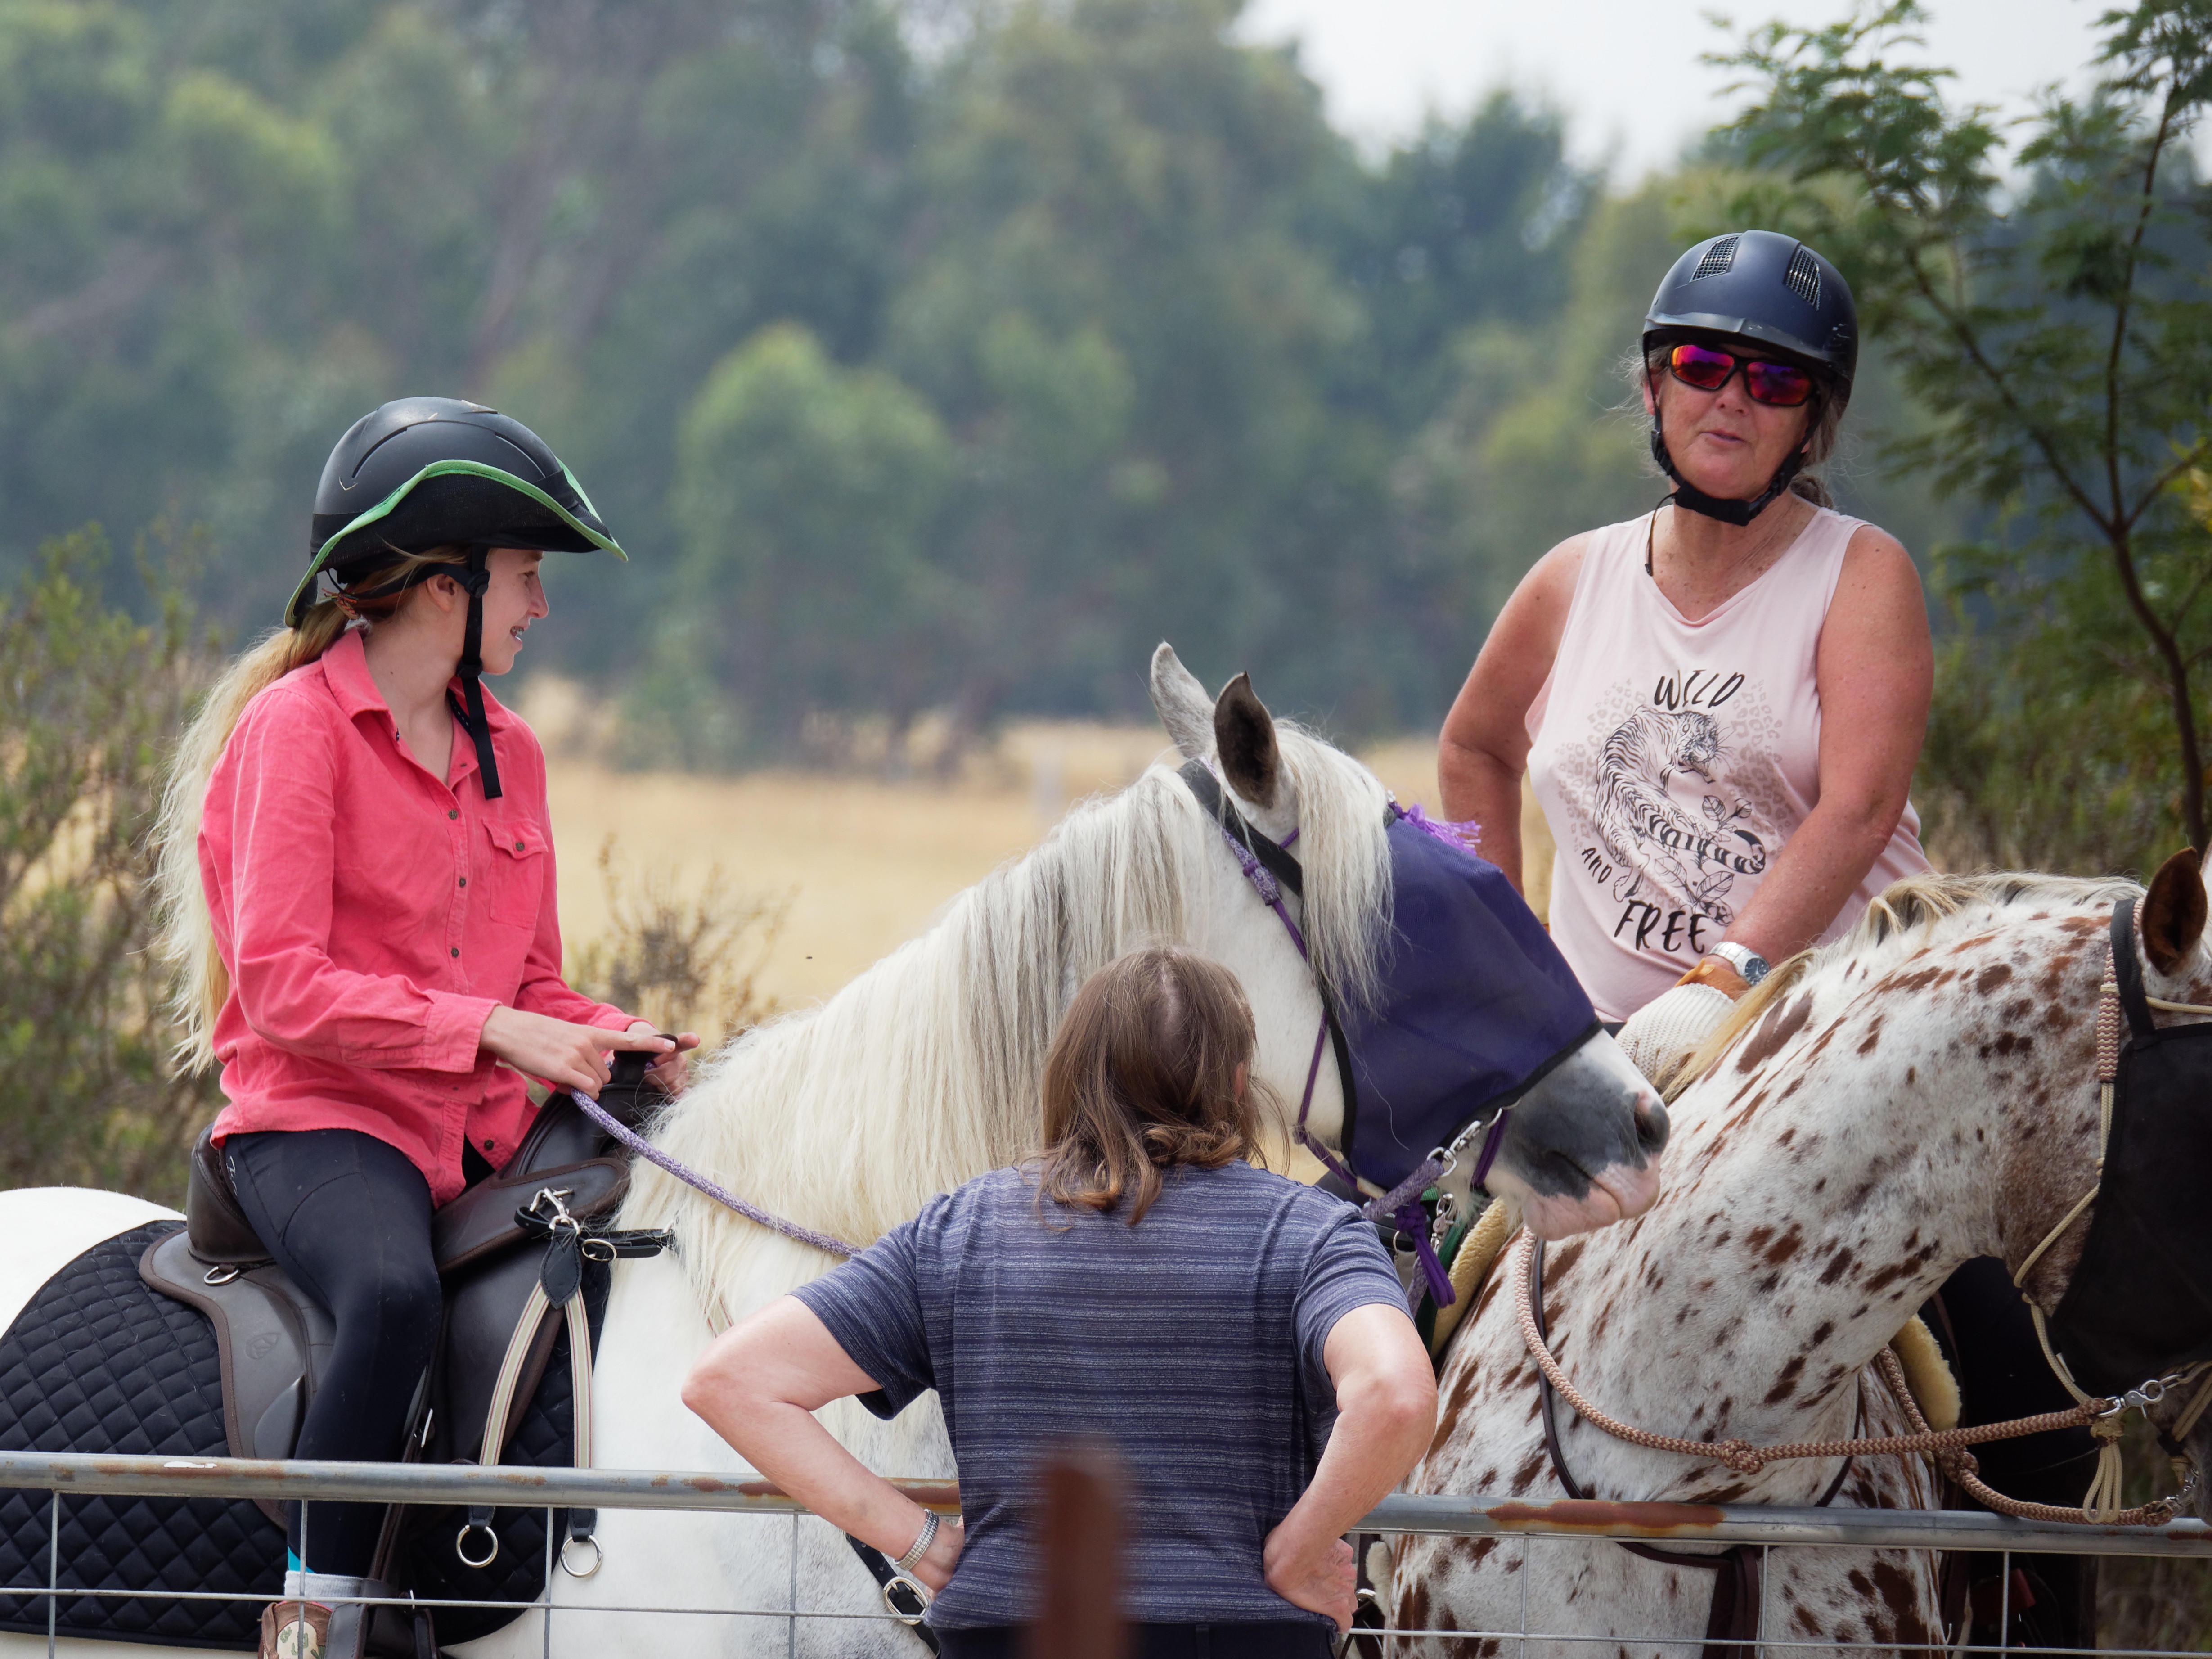 Visiting-riders-3.jpeg